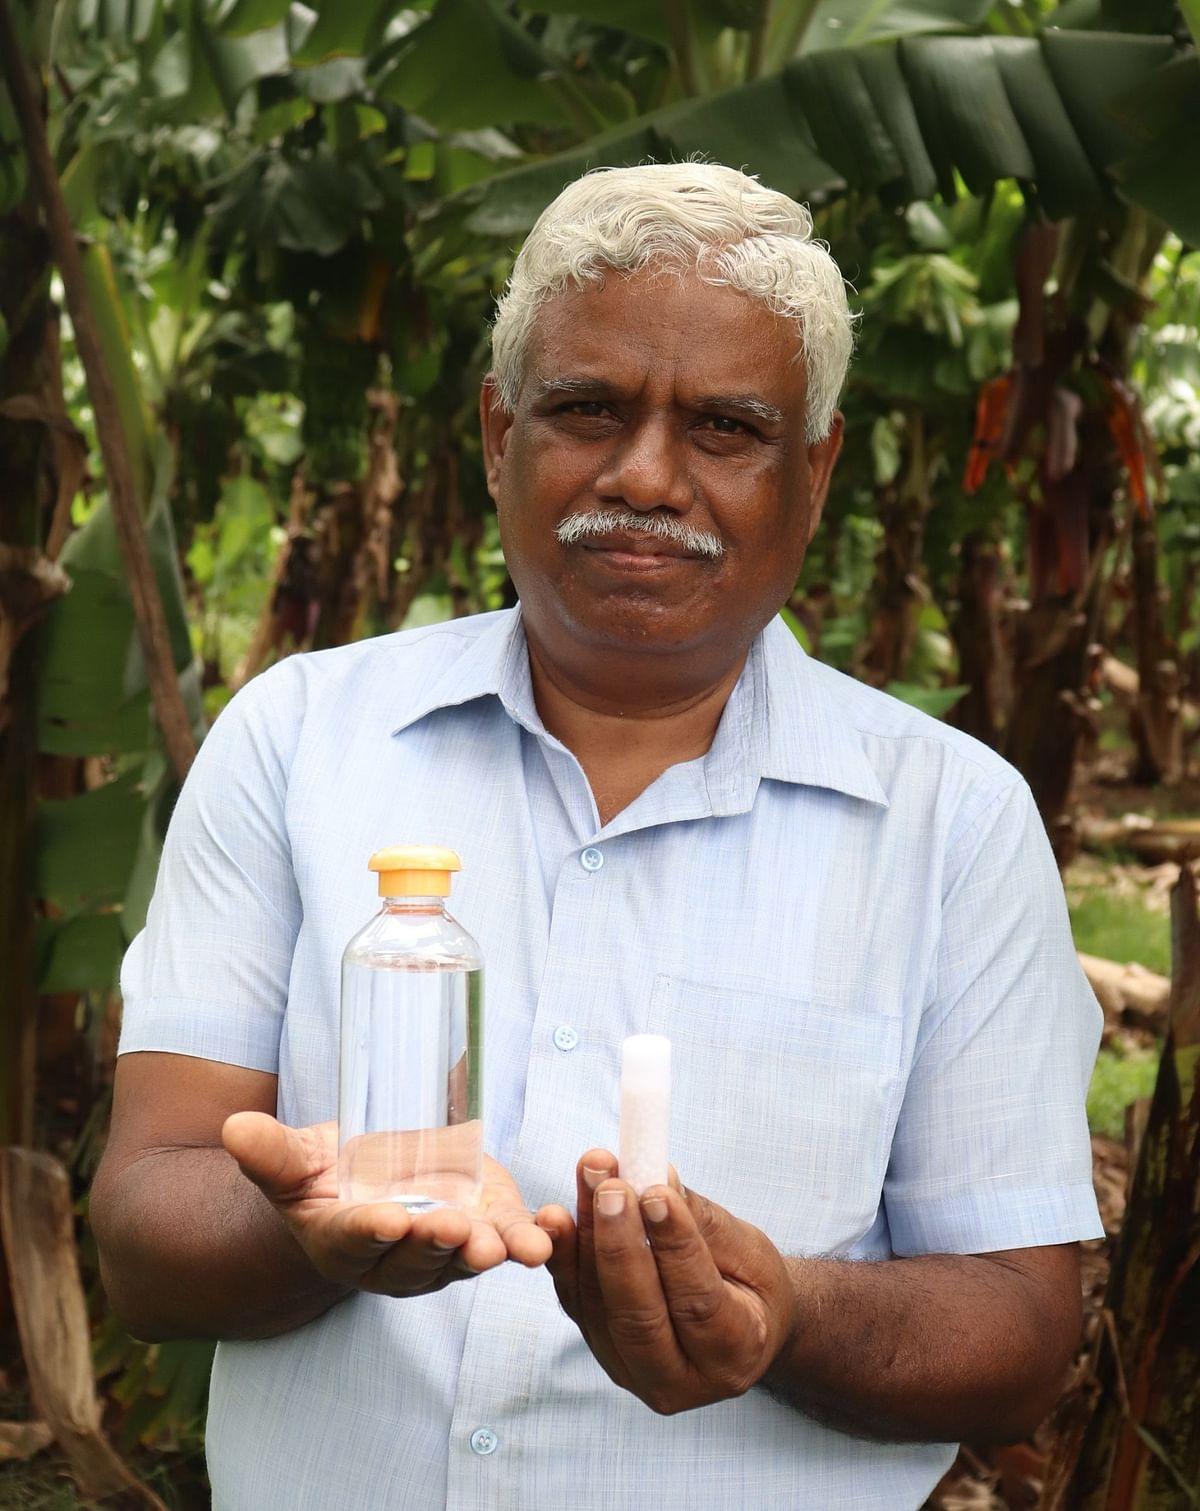 அக்ரோ ஹோமியோபதி மருந்துடன் மருத்துவர் ராமர்.